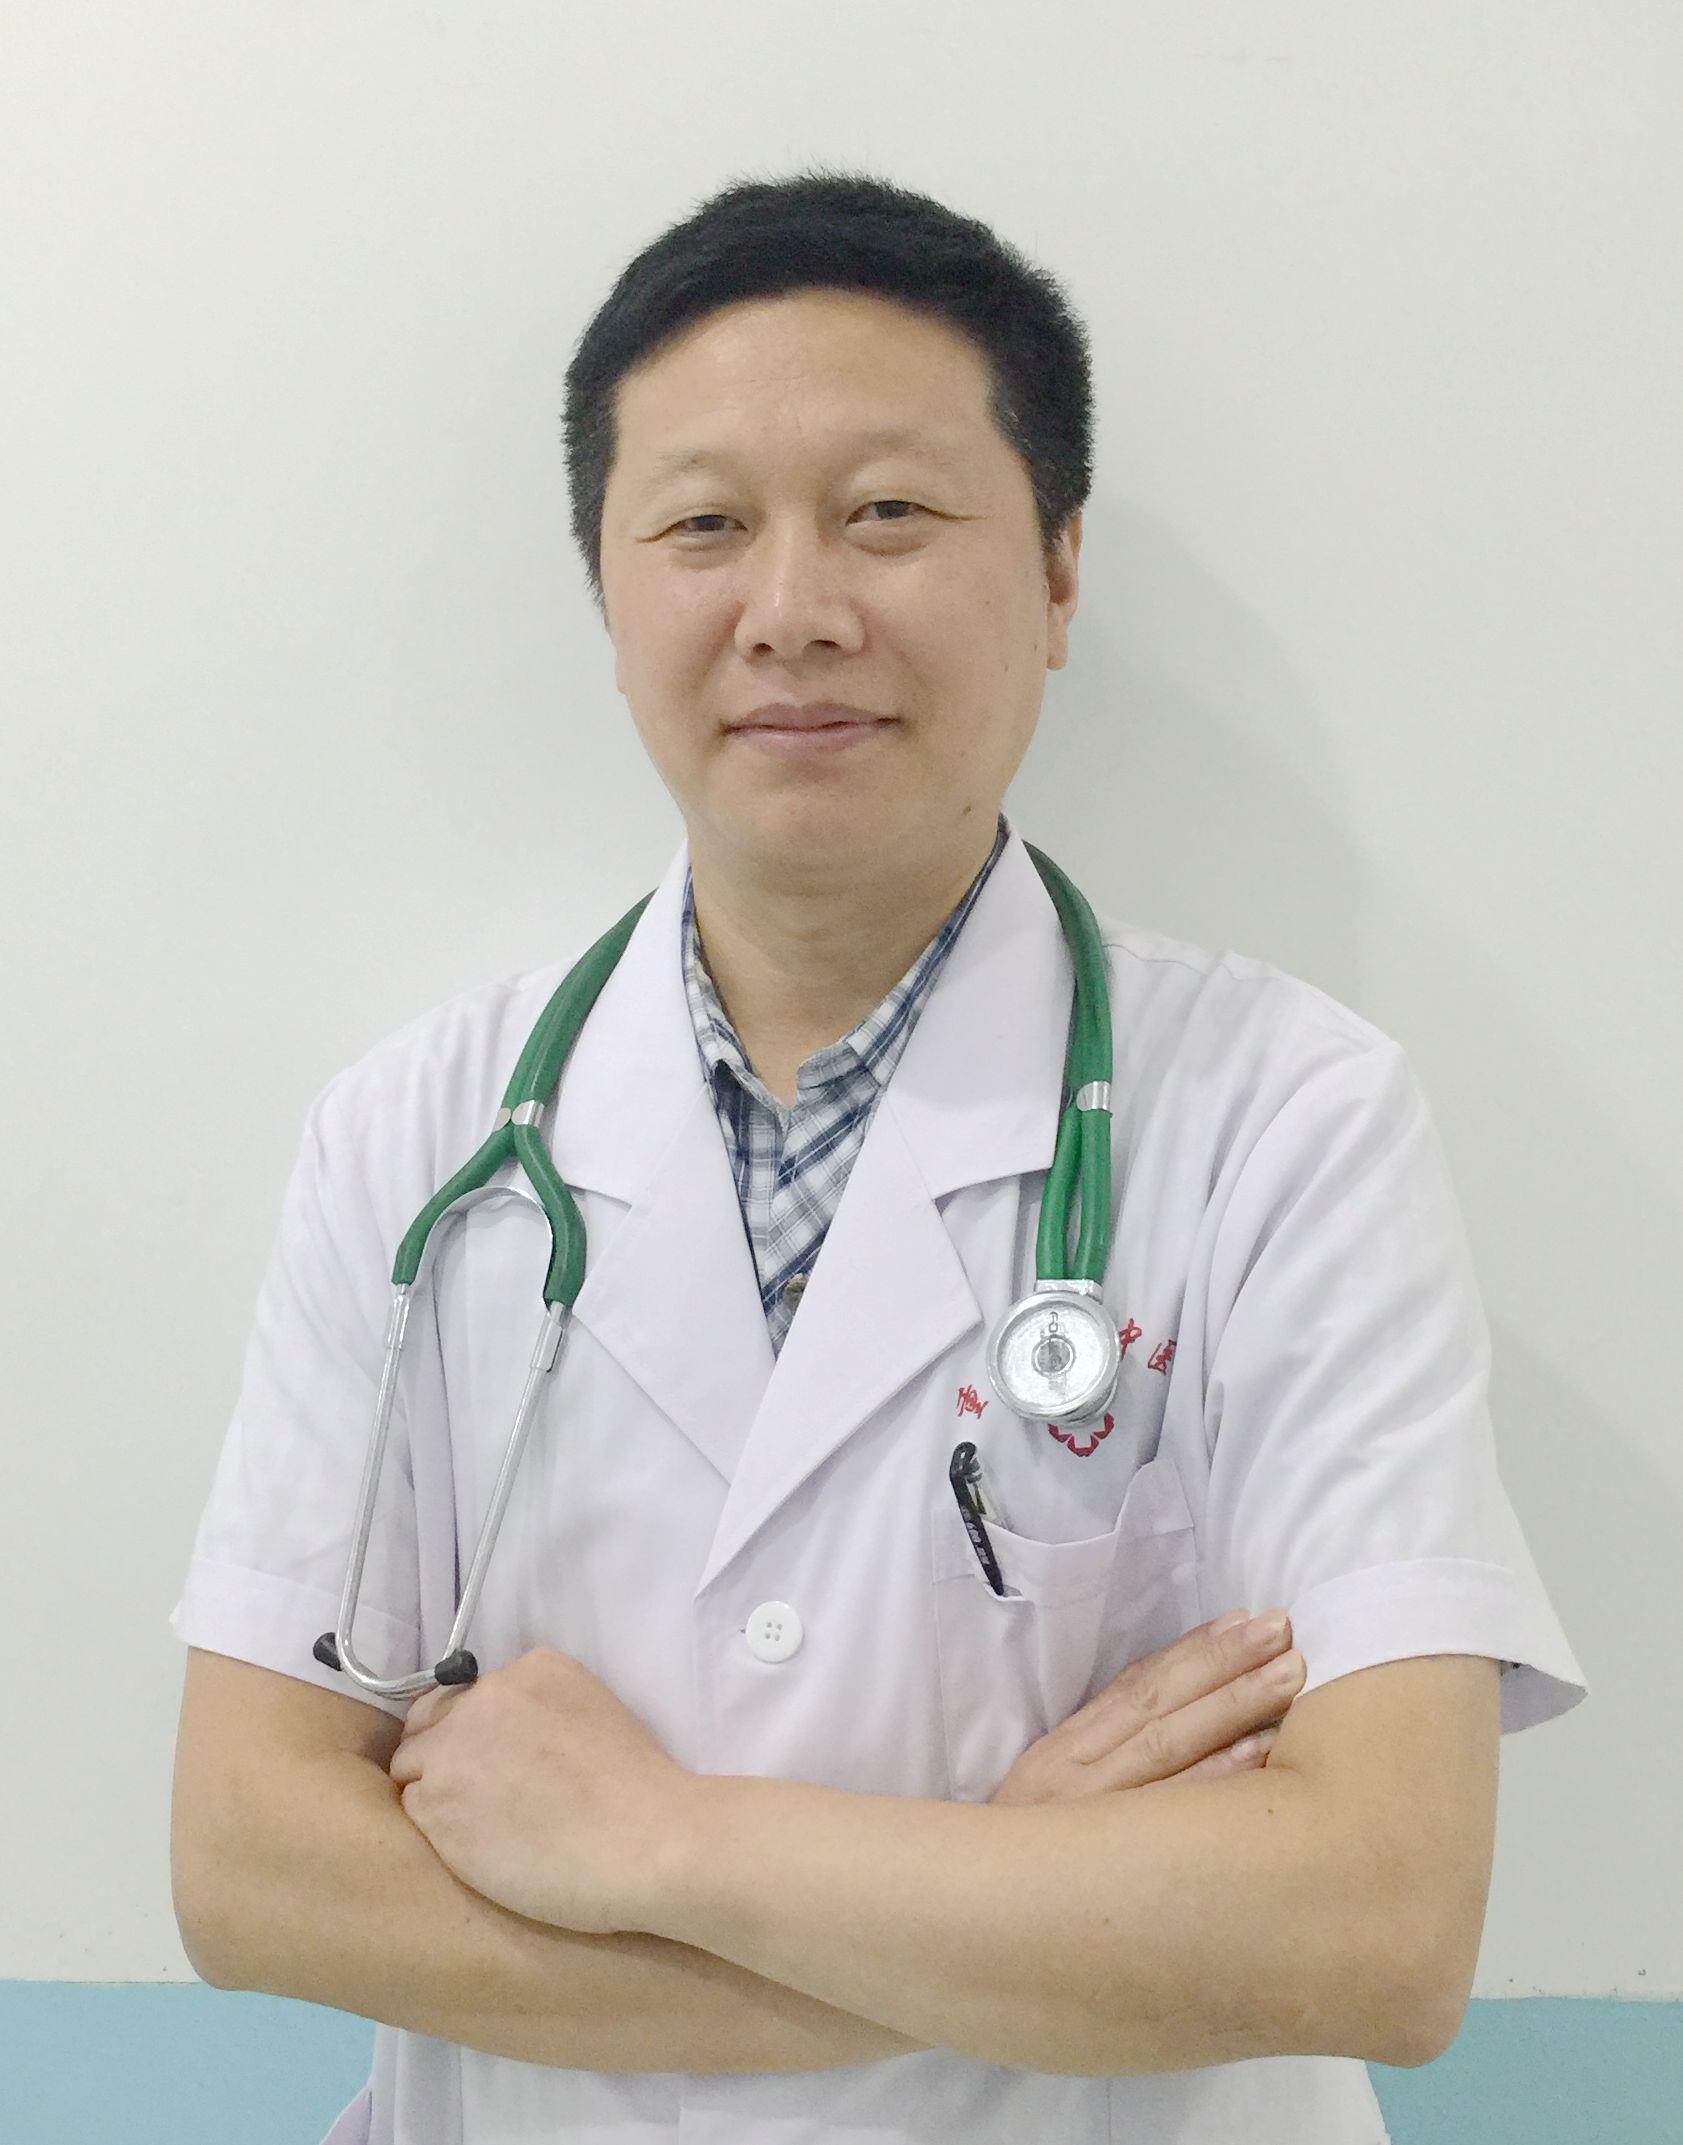 西南儿科医院官网/西南颈肩腰腿痛/重庆海春中医医院